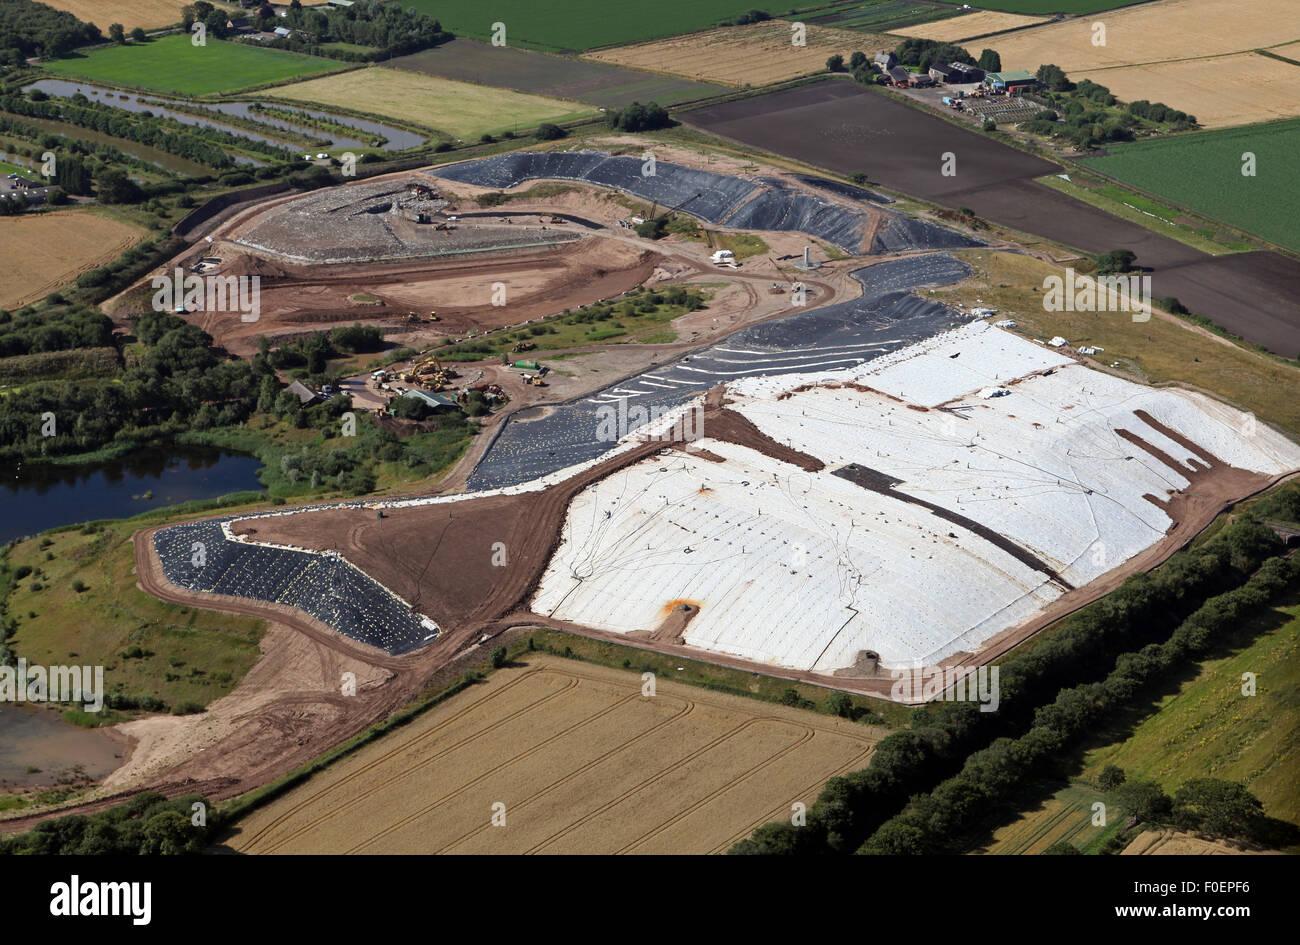 Vista aerea di una punta di rifiuti impianto di riciclaggio presso Rixton vicino a Warrington, Cheshire, Regno Unito Immagini Stock